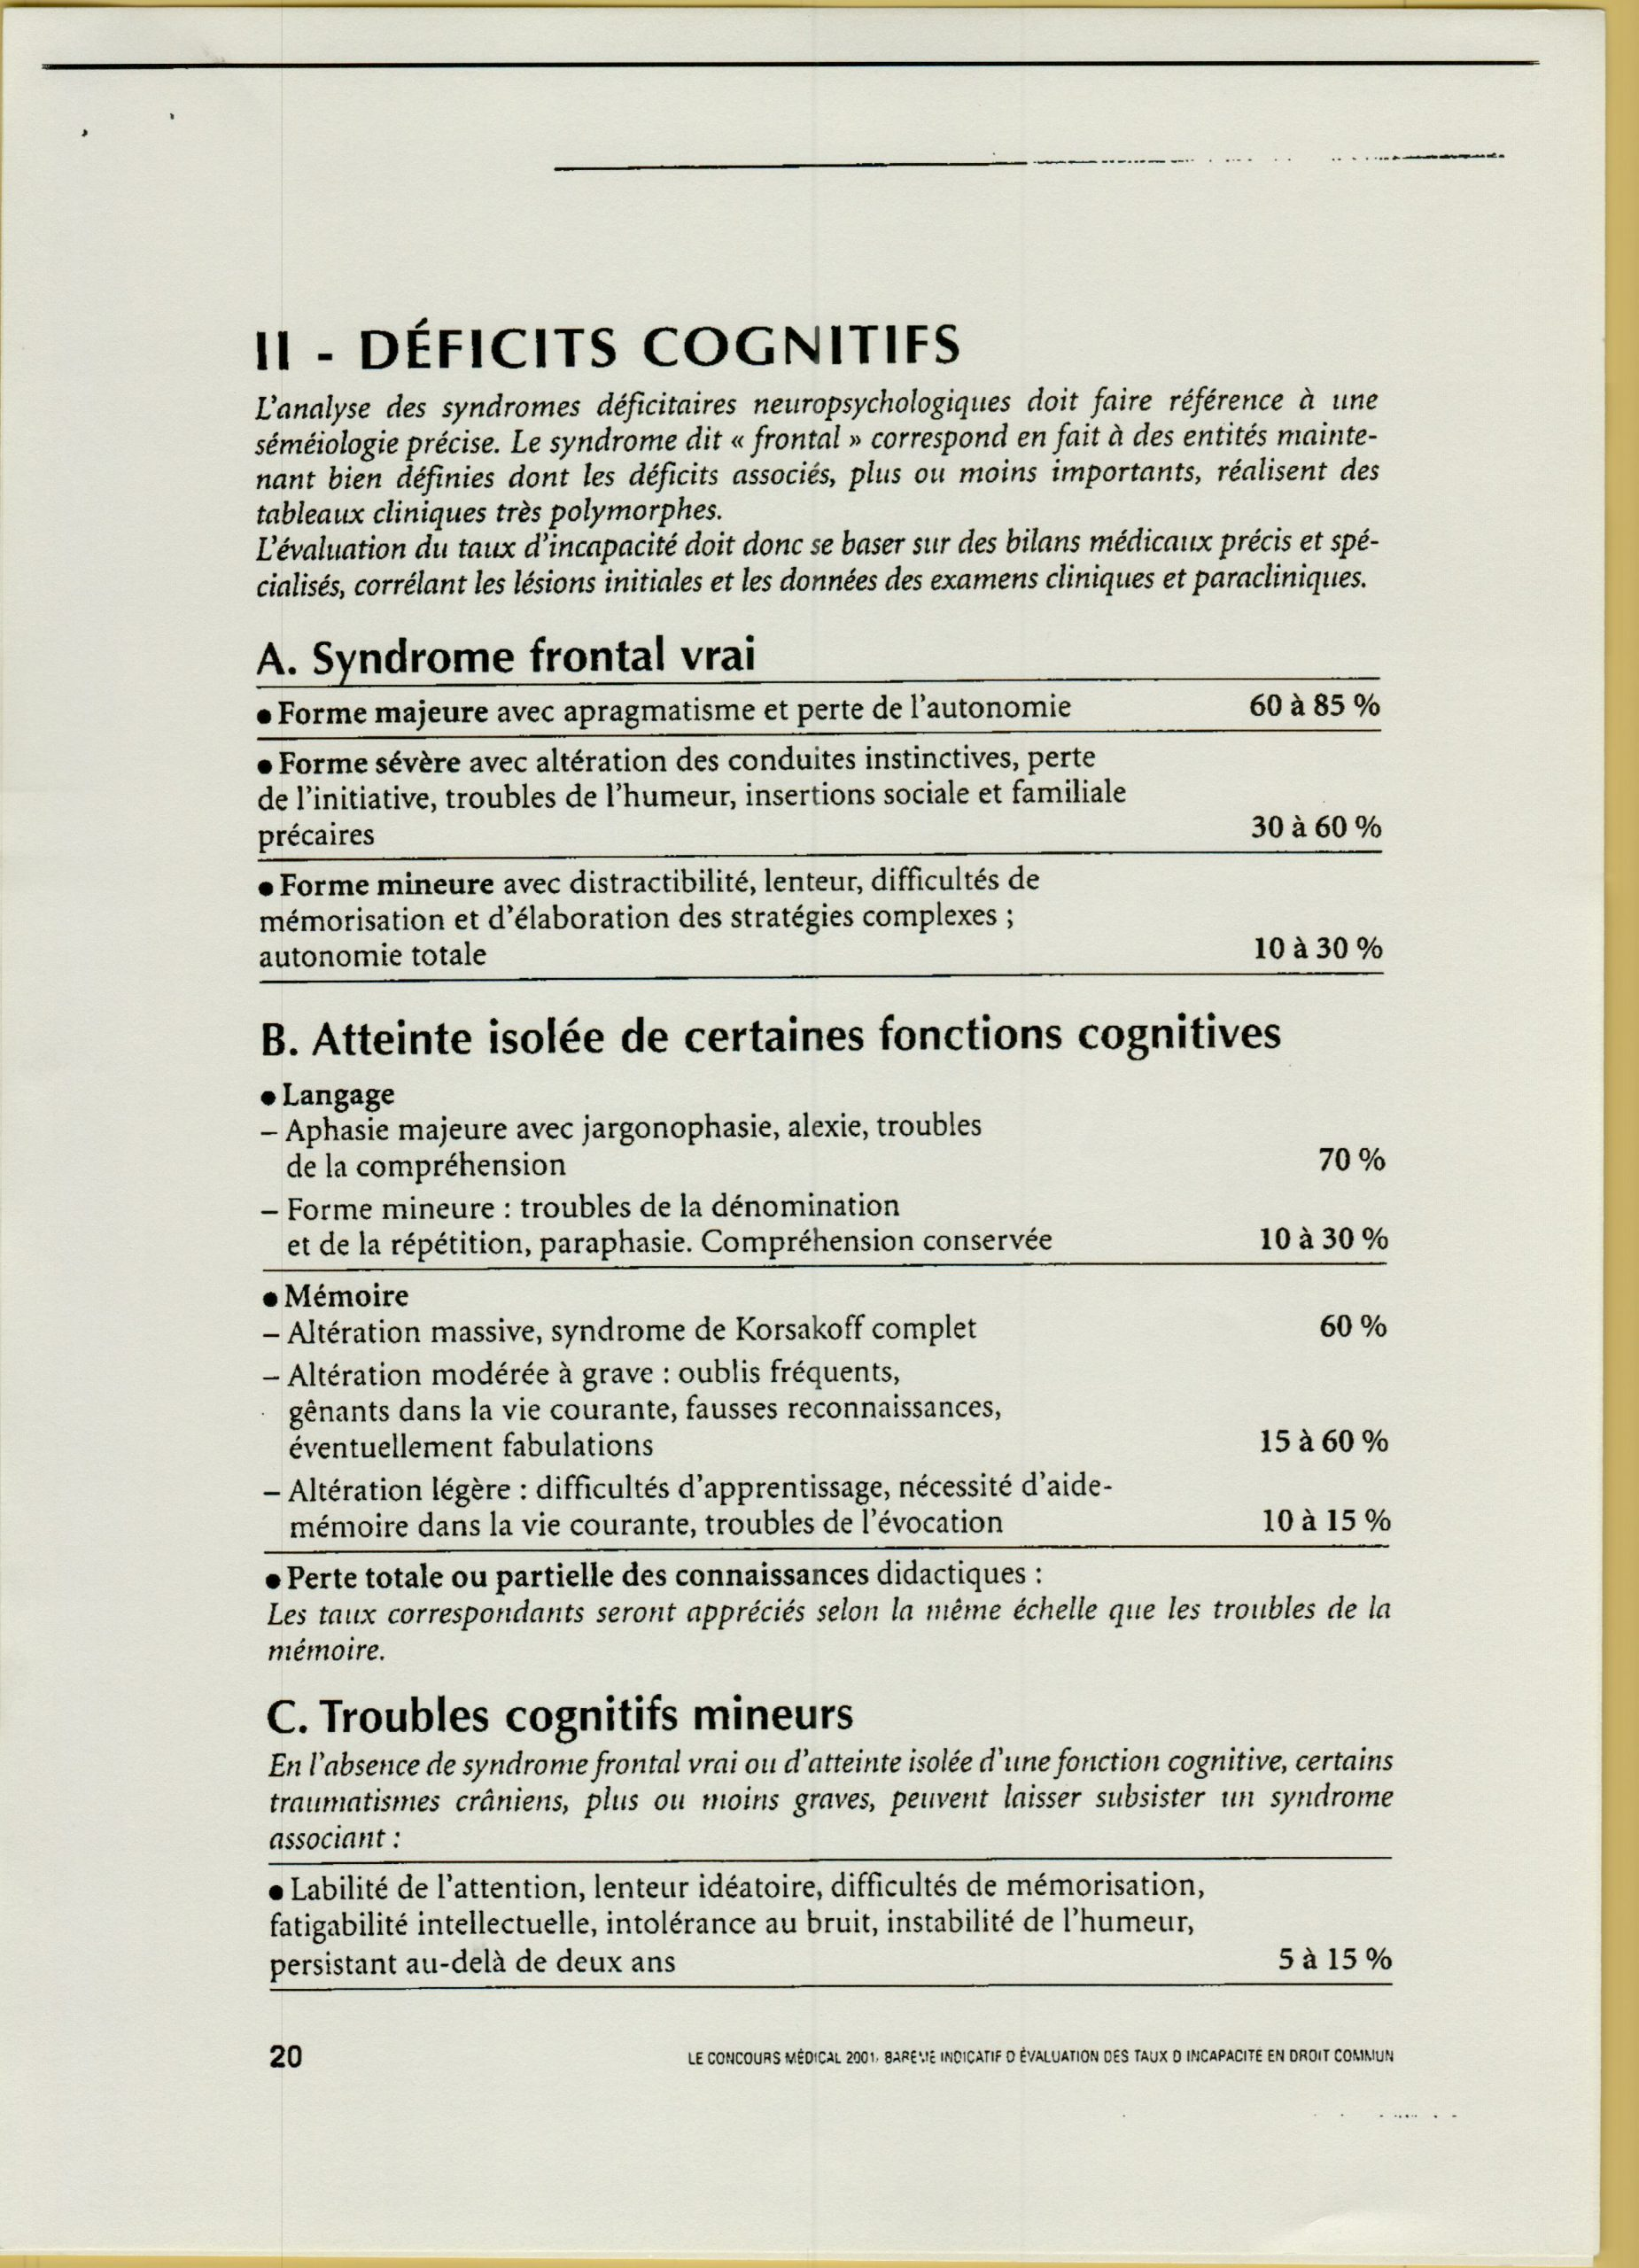 Le barème indicatifd'évaluation des taux d'incapacité en droit  commun neurologie déficits conitifss